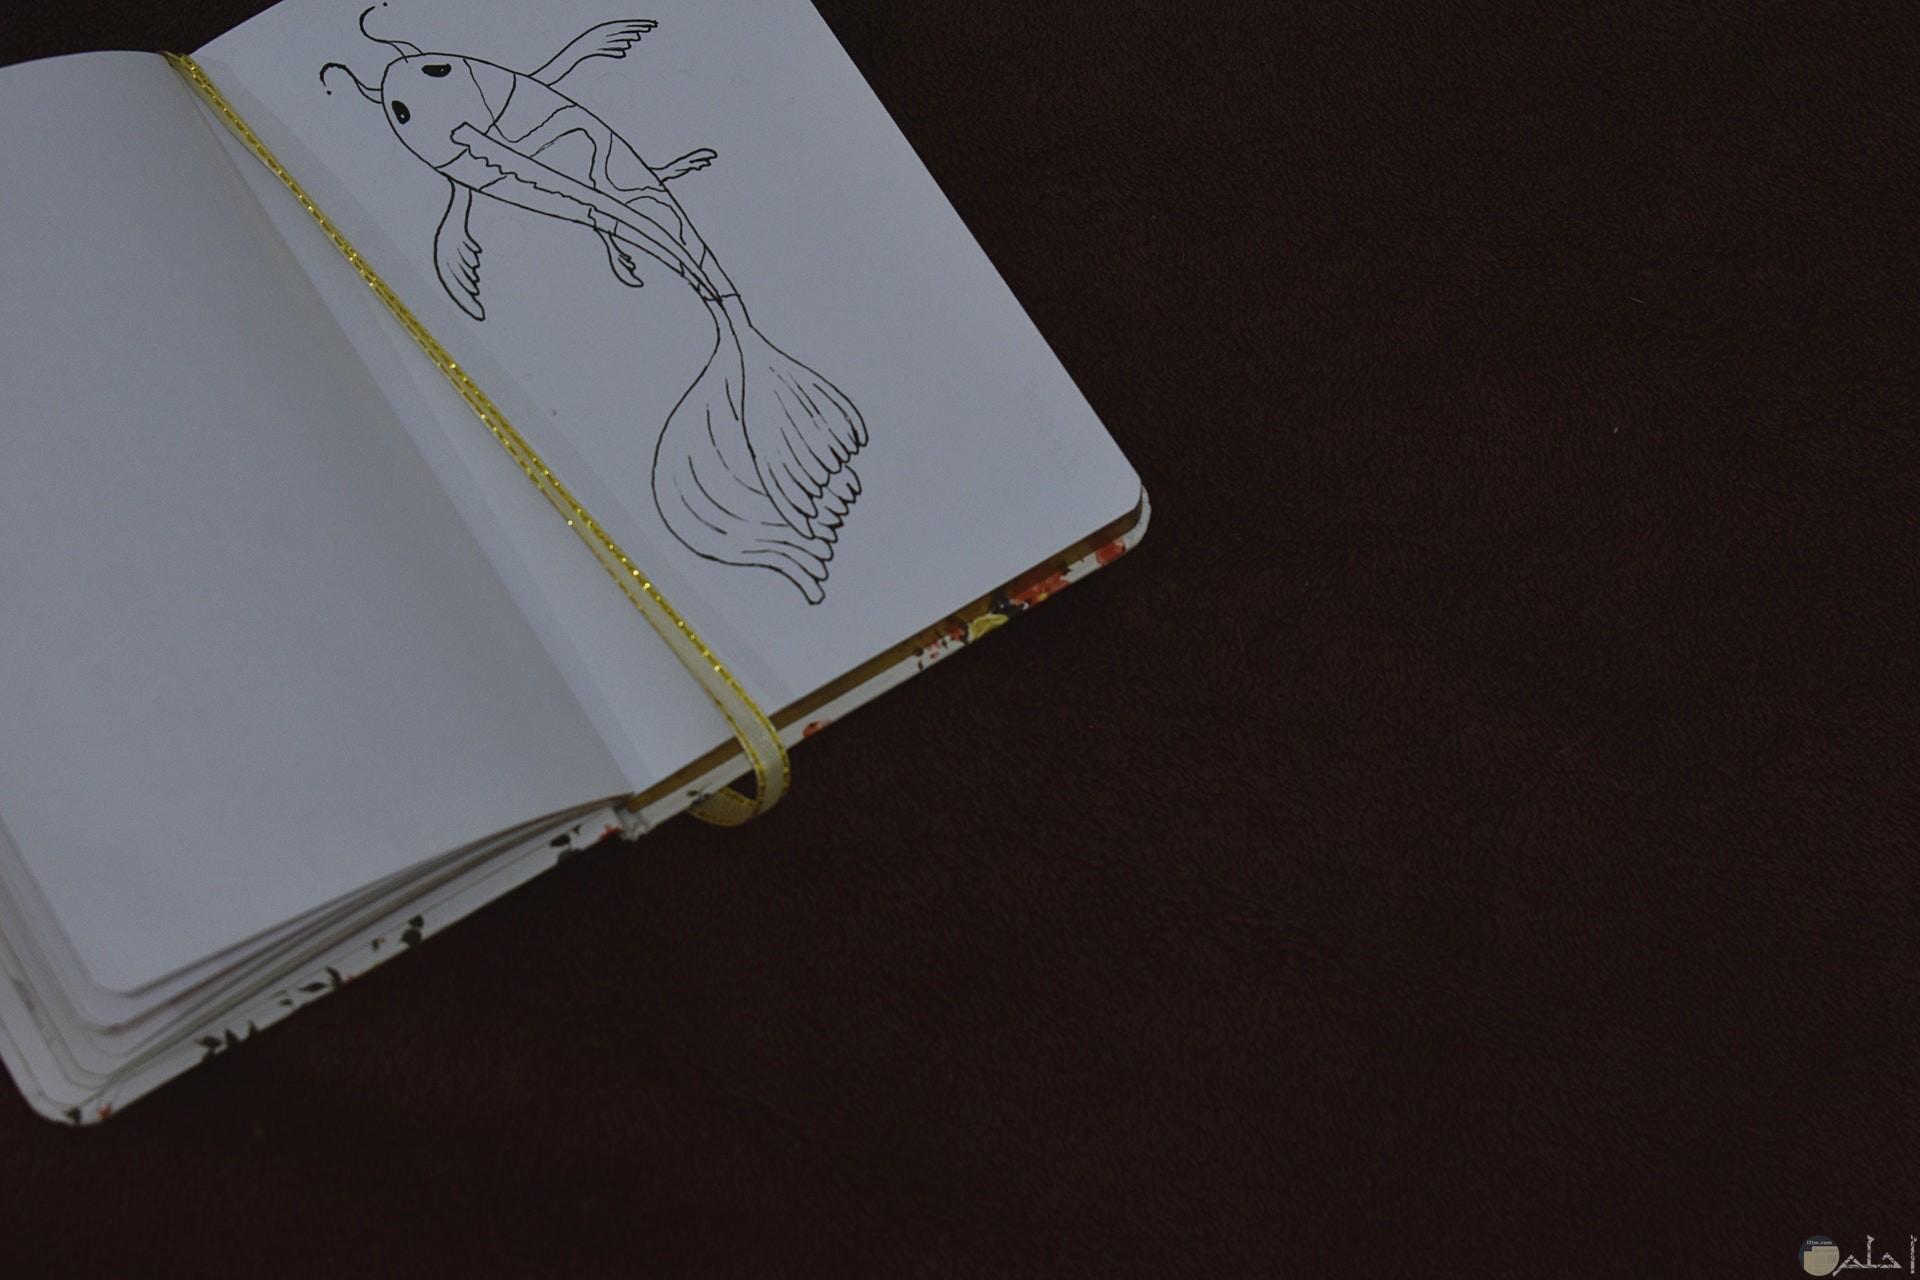 صورة لرسمة سمكة غريبة في دفتر